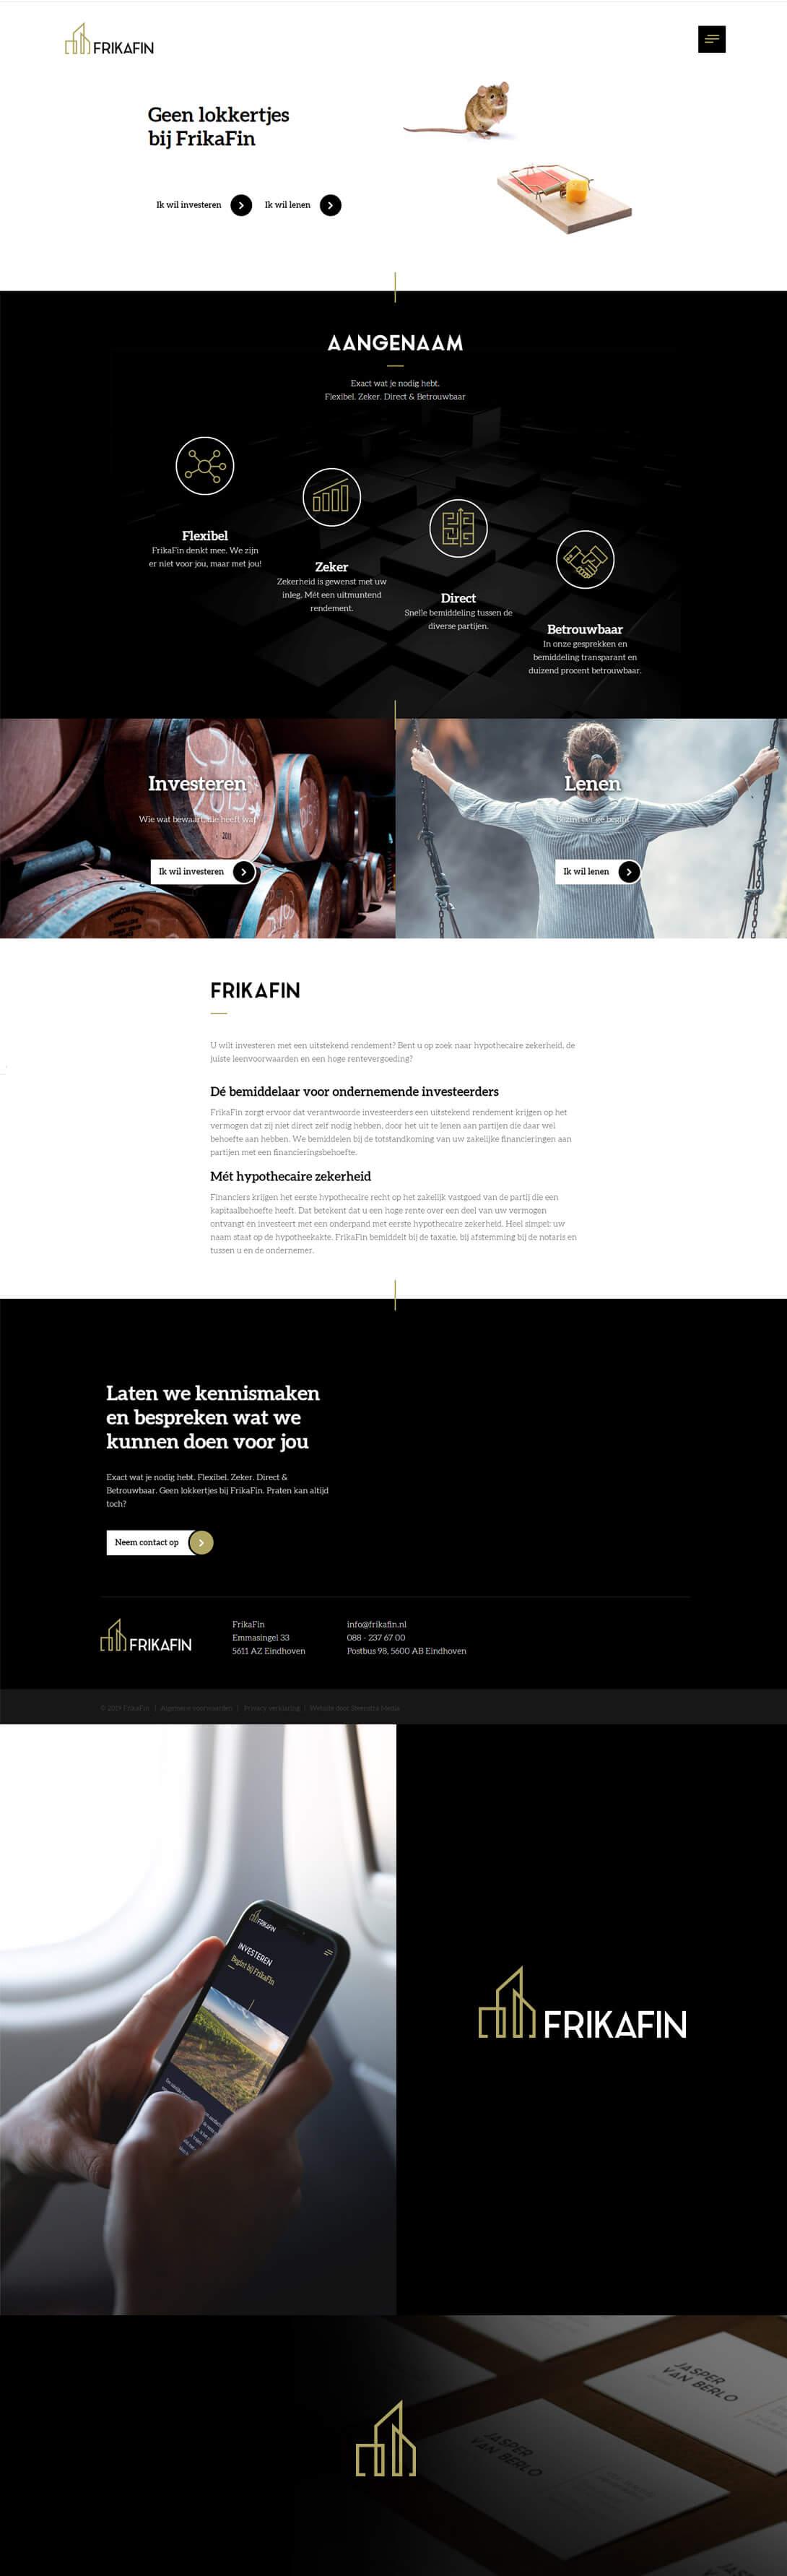 frikafin website maken eindhoven-reclamebureau-internetbureau-logo-en-website-maken-steenstramedia